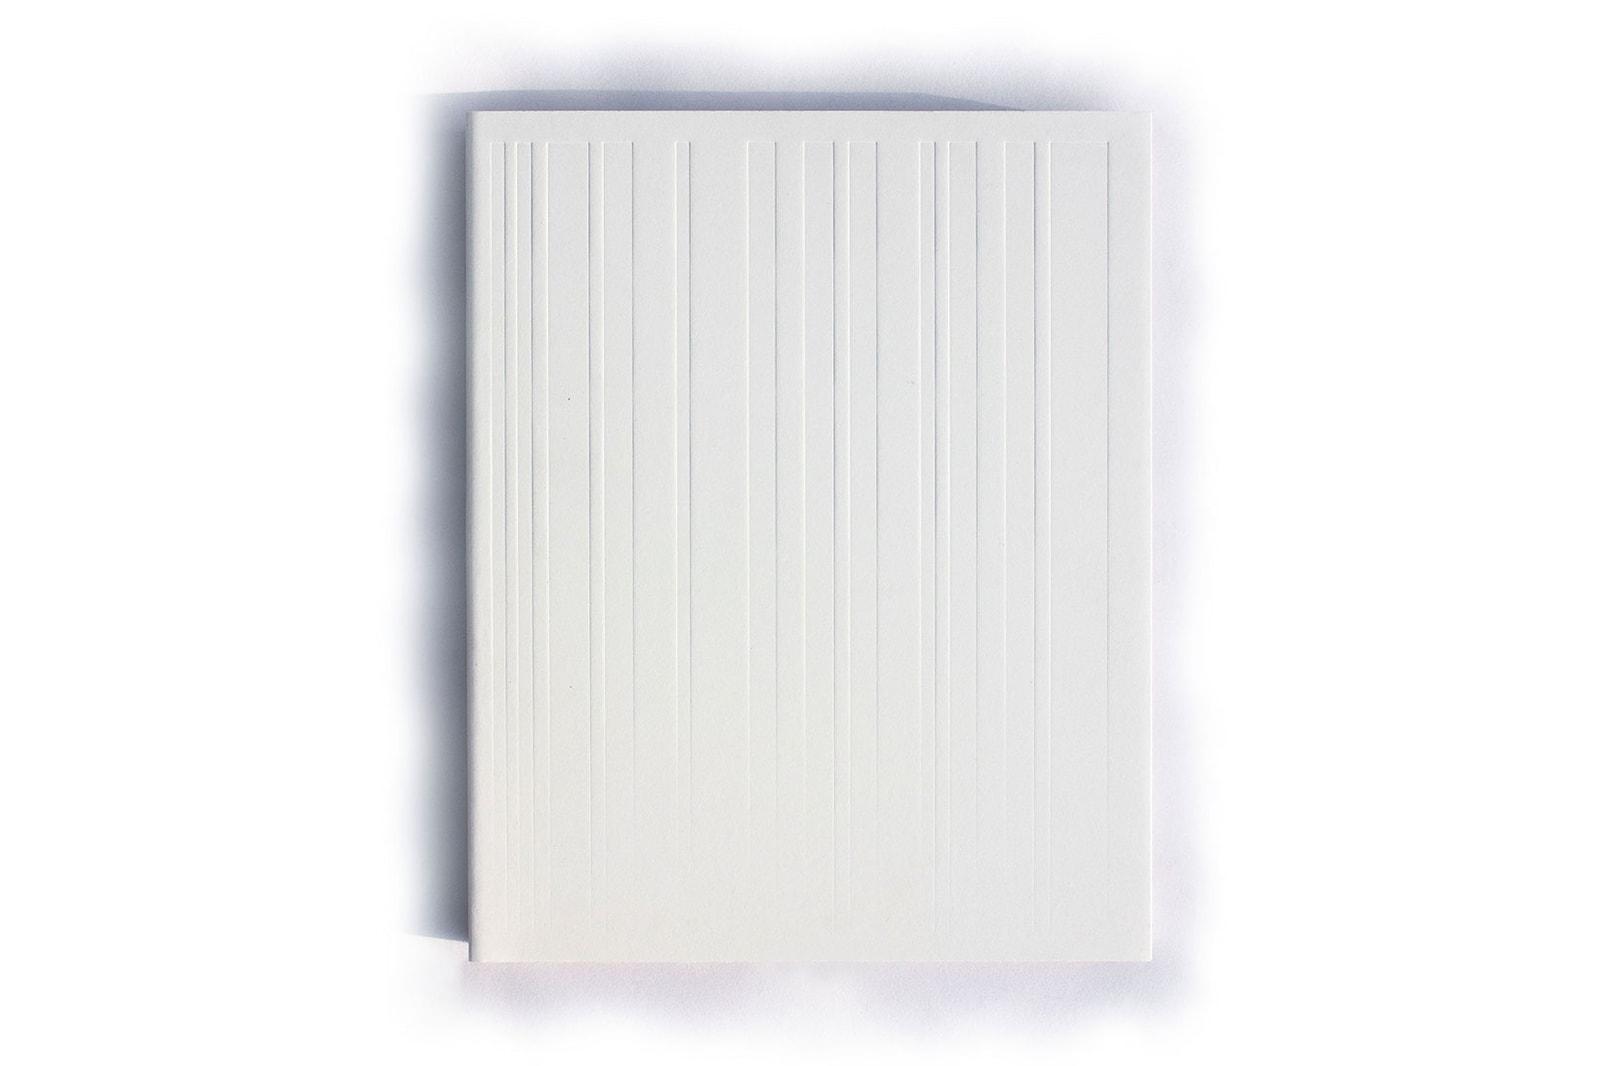 hugo comte photography book release white cover